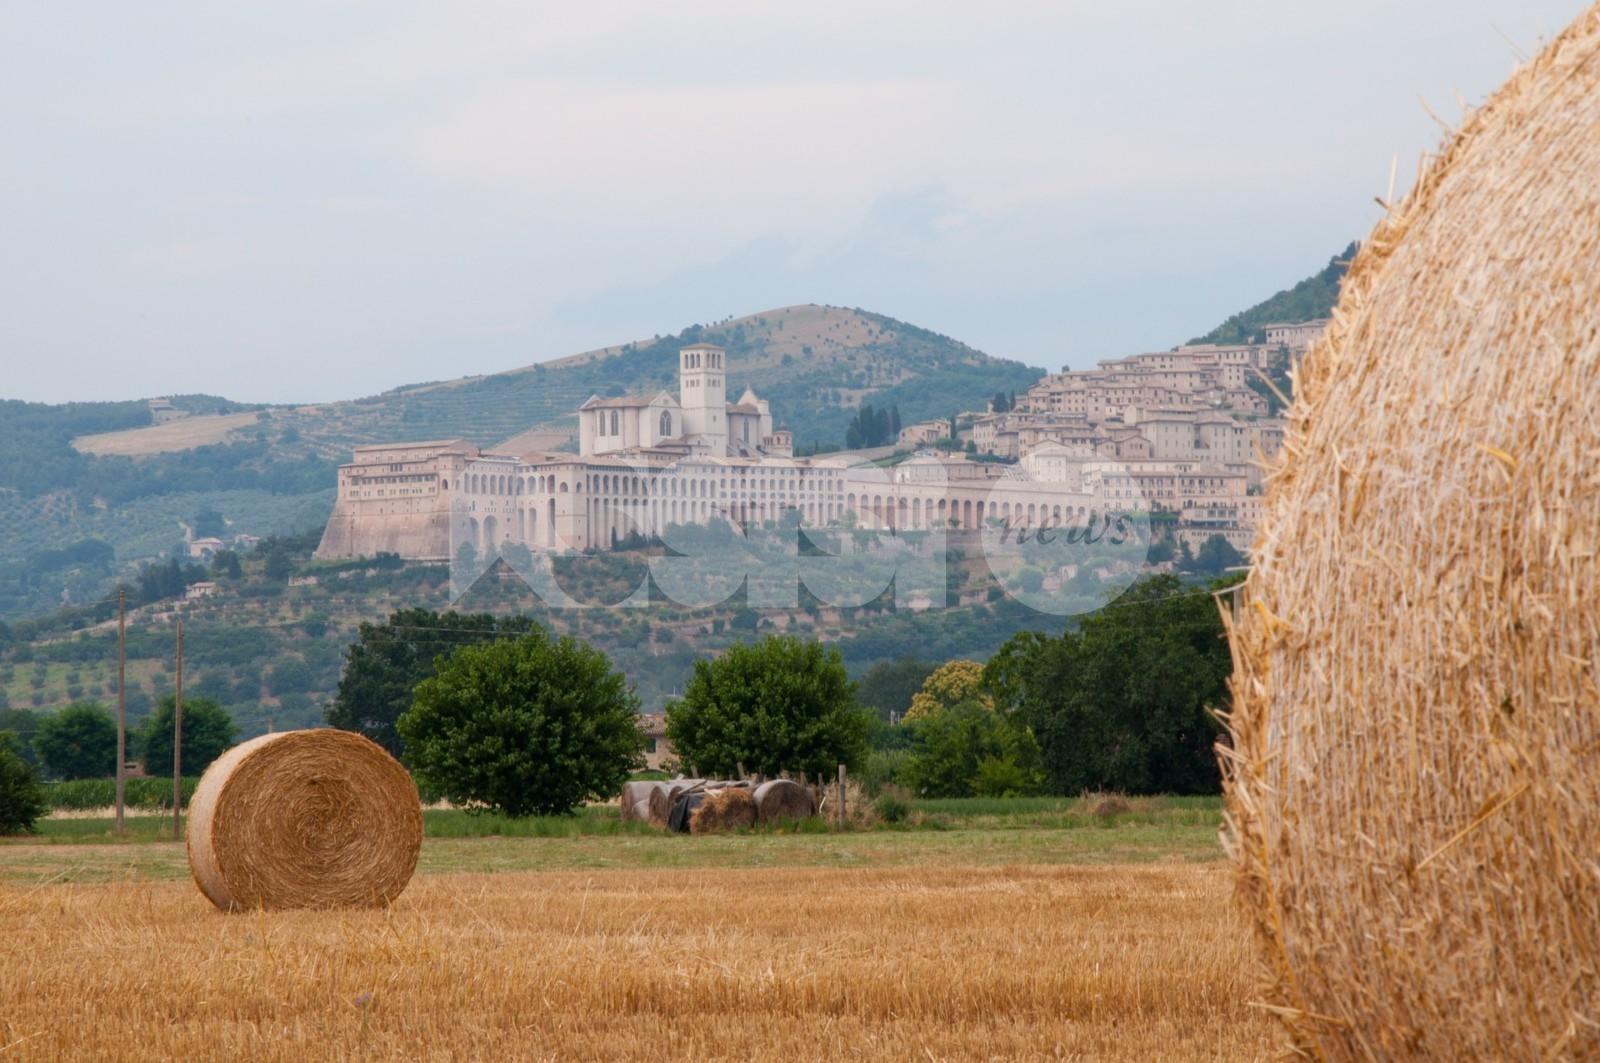 Ferragosto ad Assisi 2020, gli eventi in programma in città fino al 20 agosto